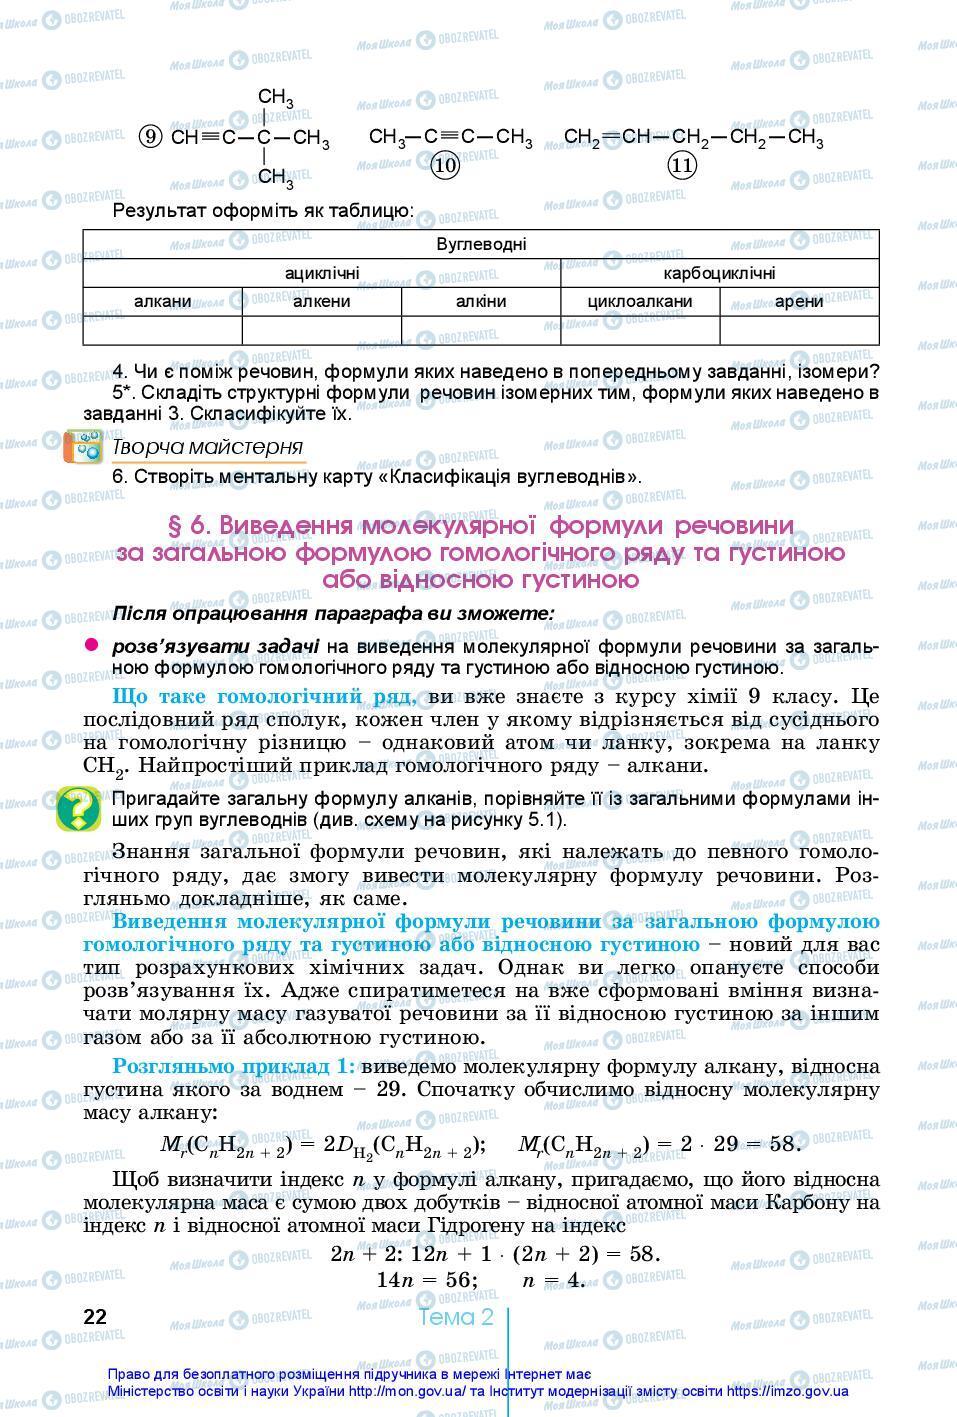 Підручники Хімія 10 клас сторінка 22